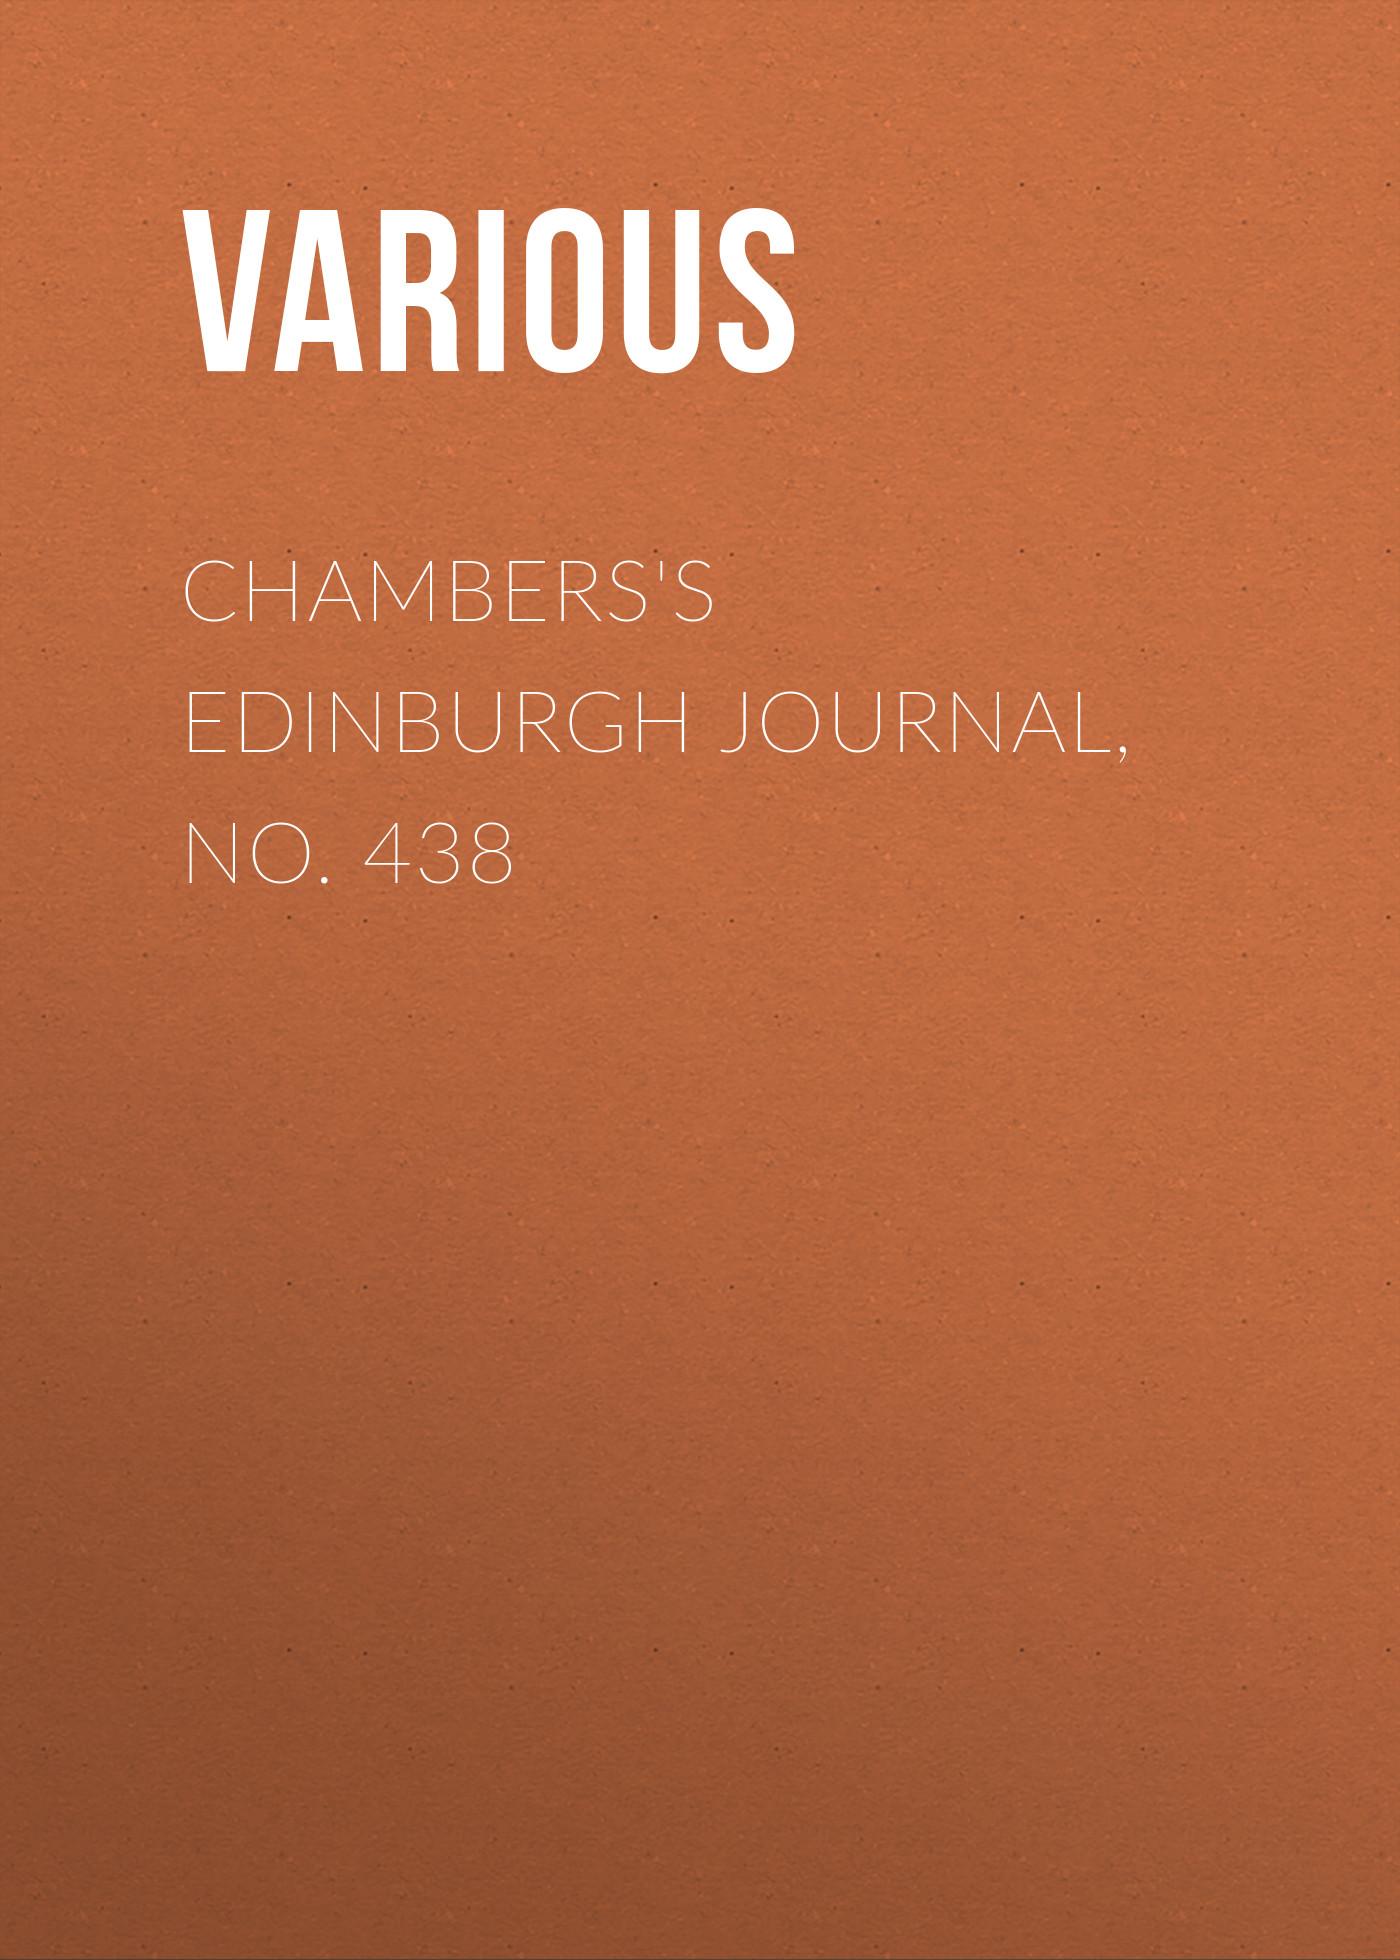 Chambers\'s Edinburgh Journal, No. 438 ( Various  )